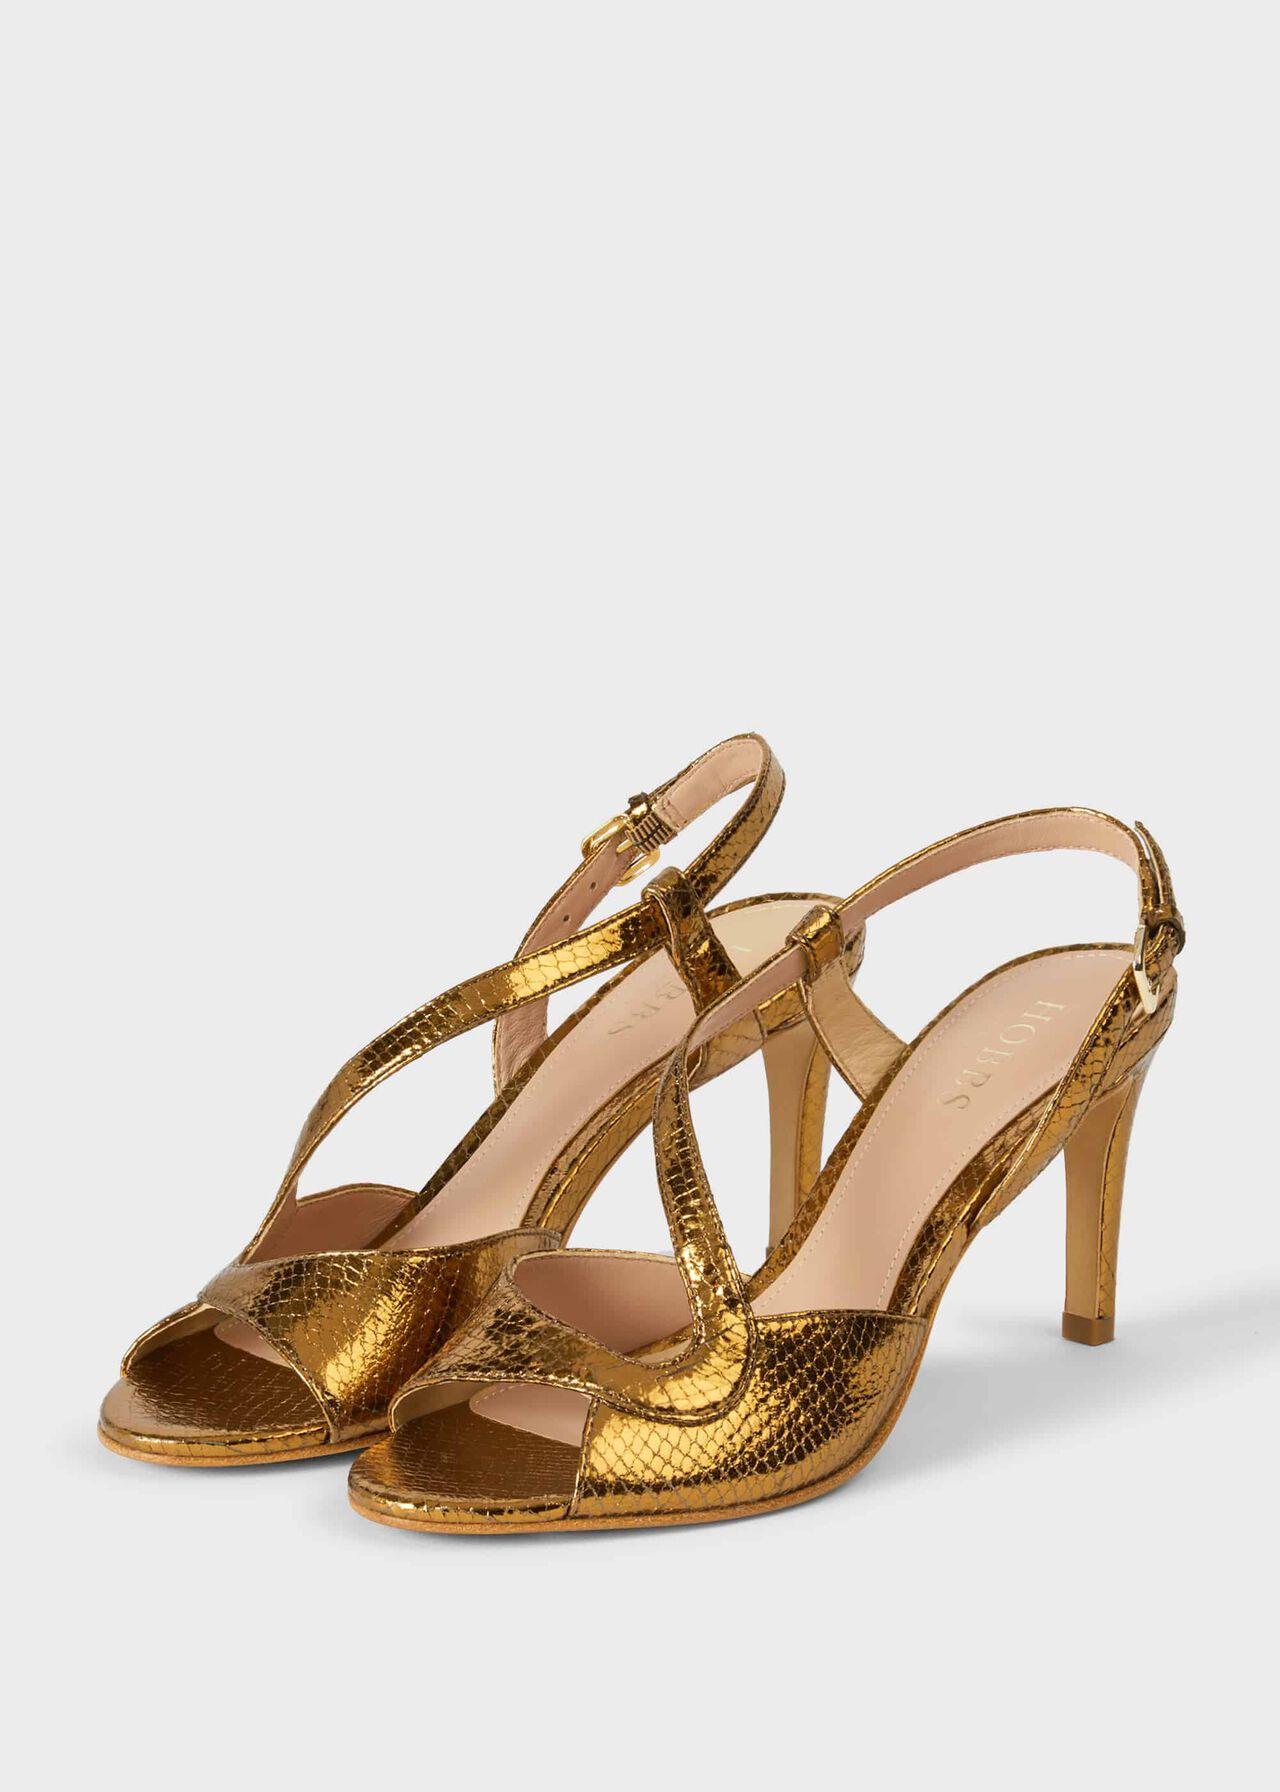 Clarissa Stiletto Sandals Gold